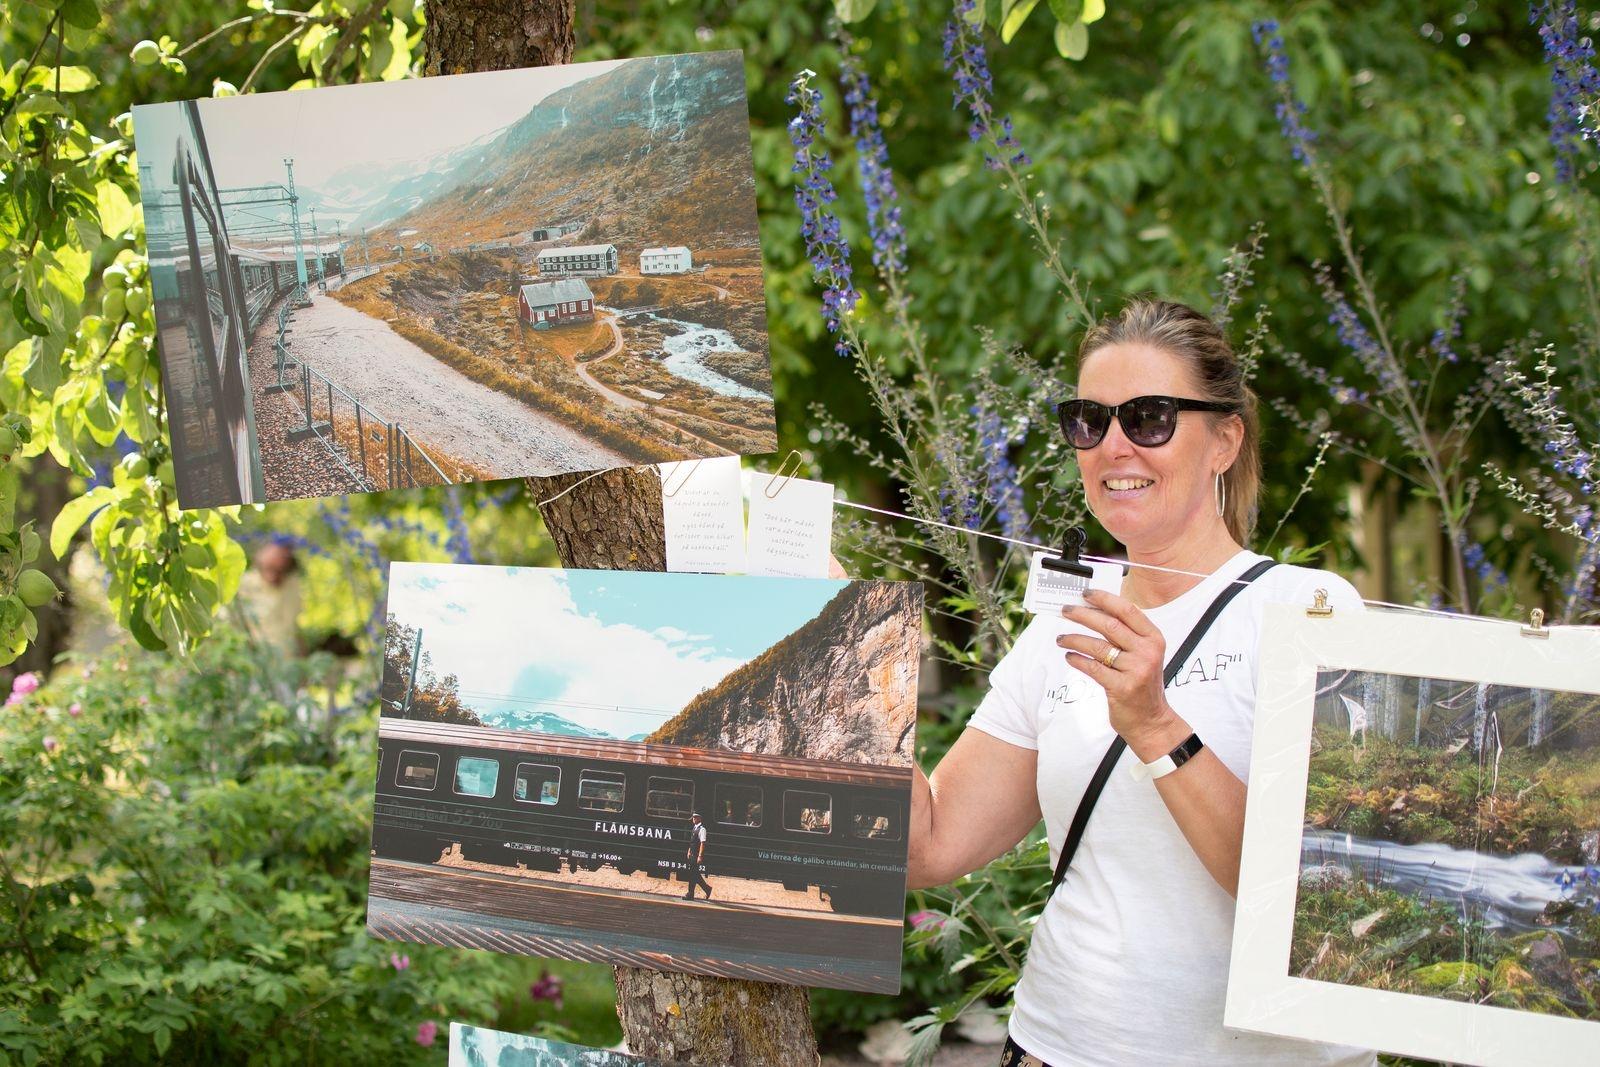 Kalmar Fotoklubbs nytillträdda ordförande Helena Erngård höll i trådarna den här dagen och kunde glatt konstatera att även foto i olika former lockade besökarna att lyfta blicken den här dagen.